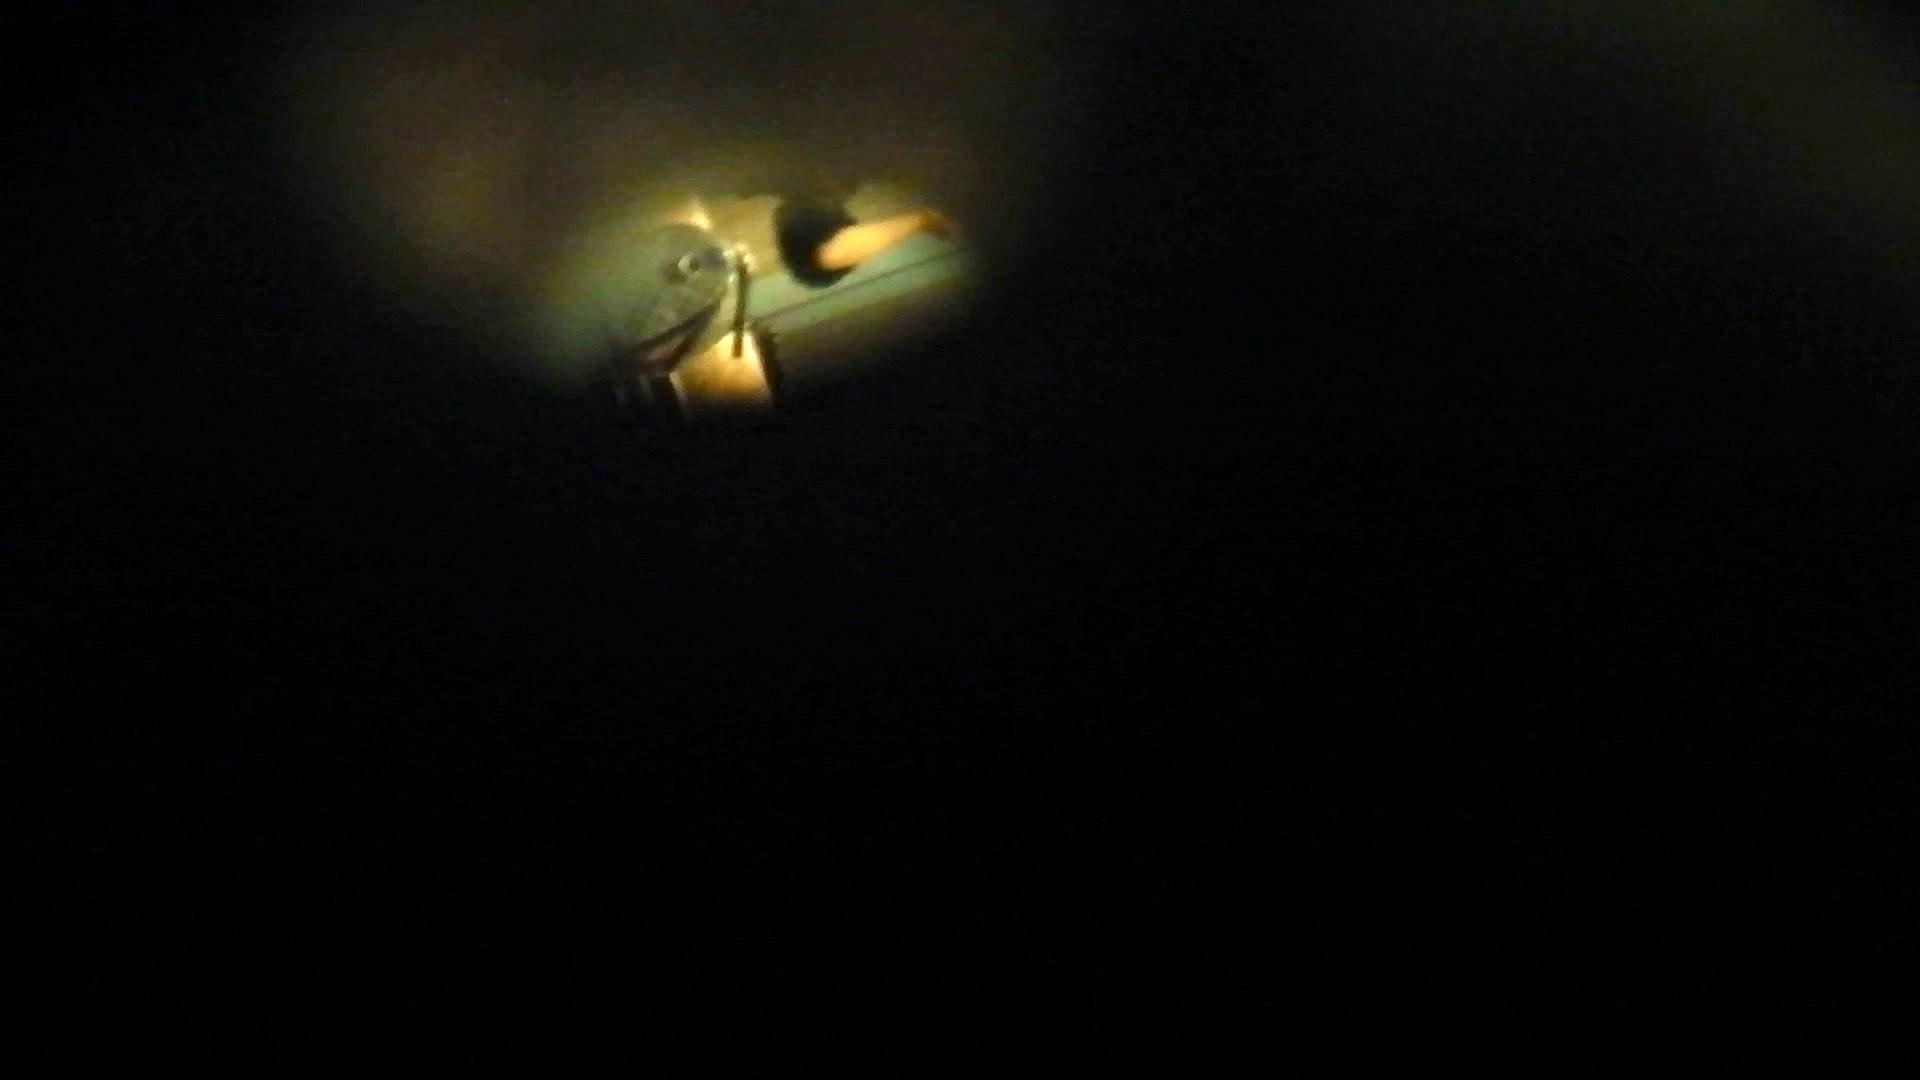 阿国ちゃんの「和式洋式七変化」No.12 お姉さん攻略 すけべAV動画紹介 99画像 22